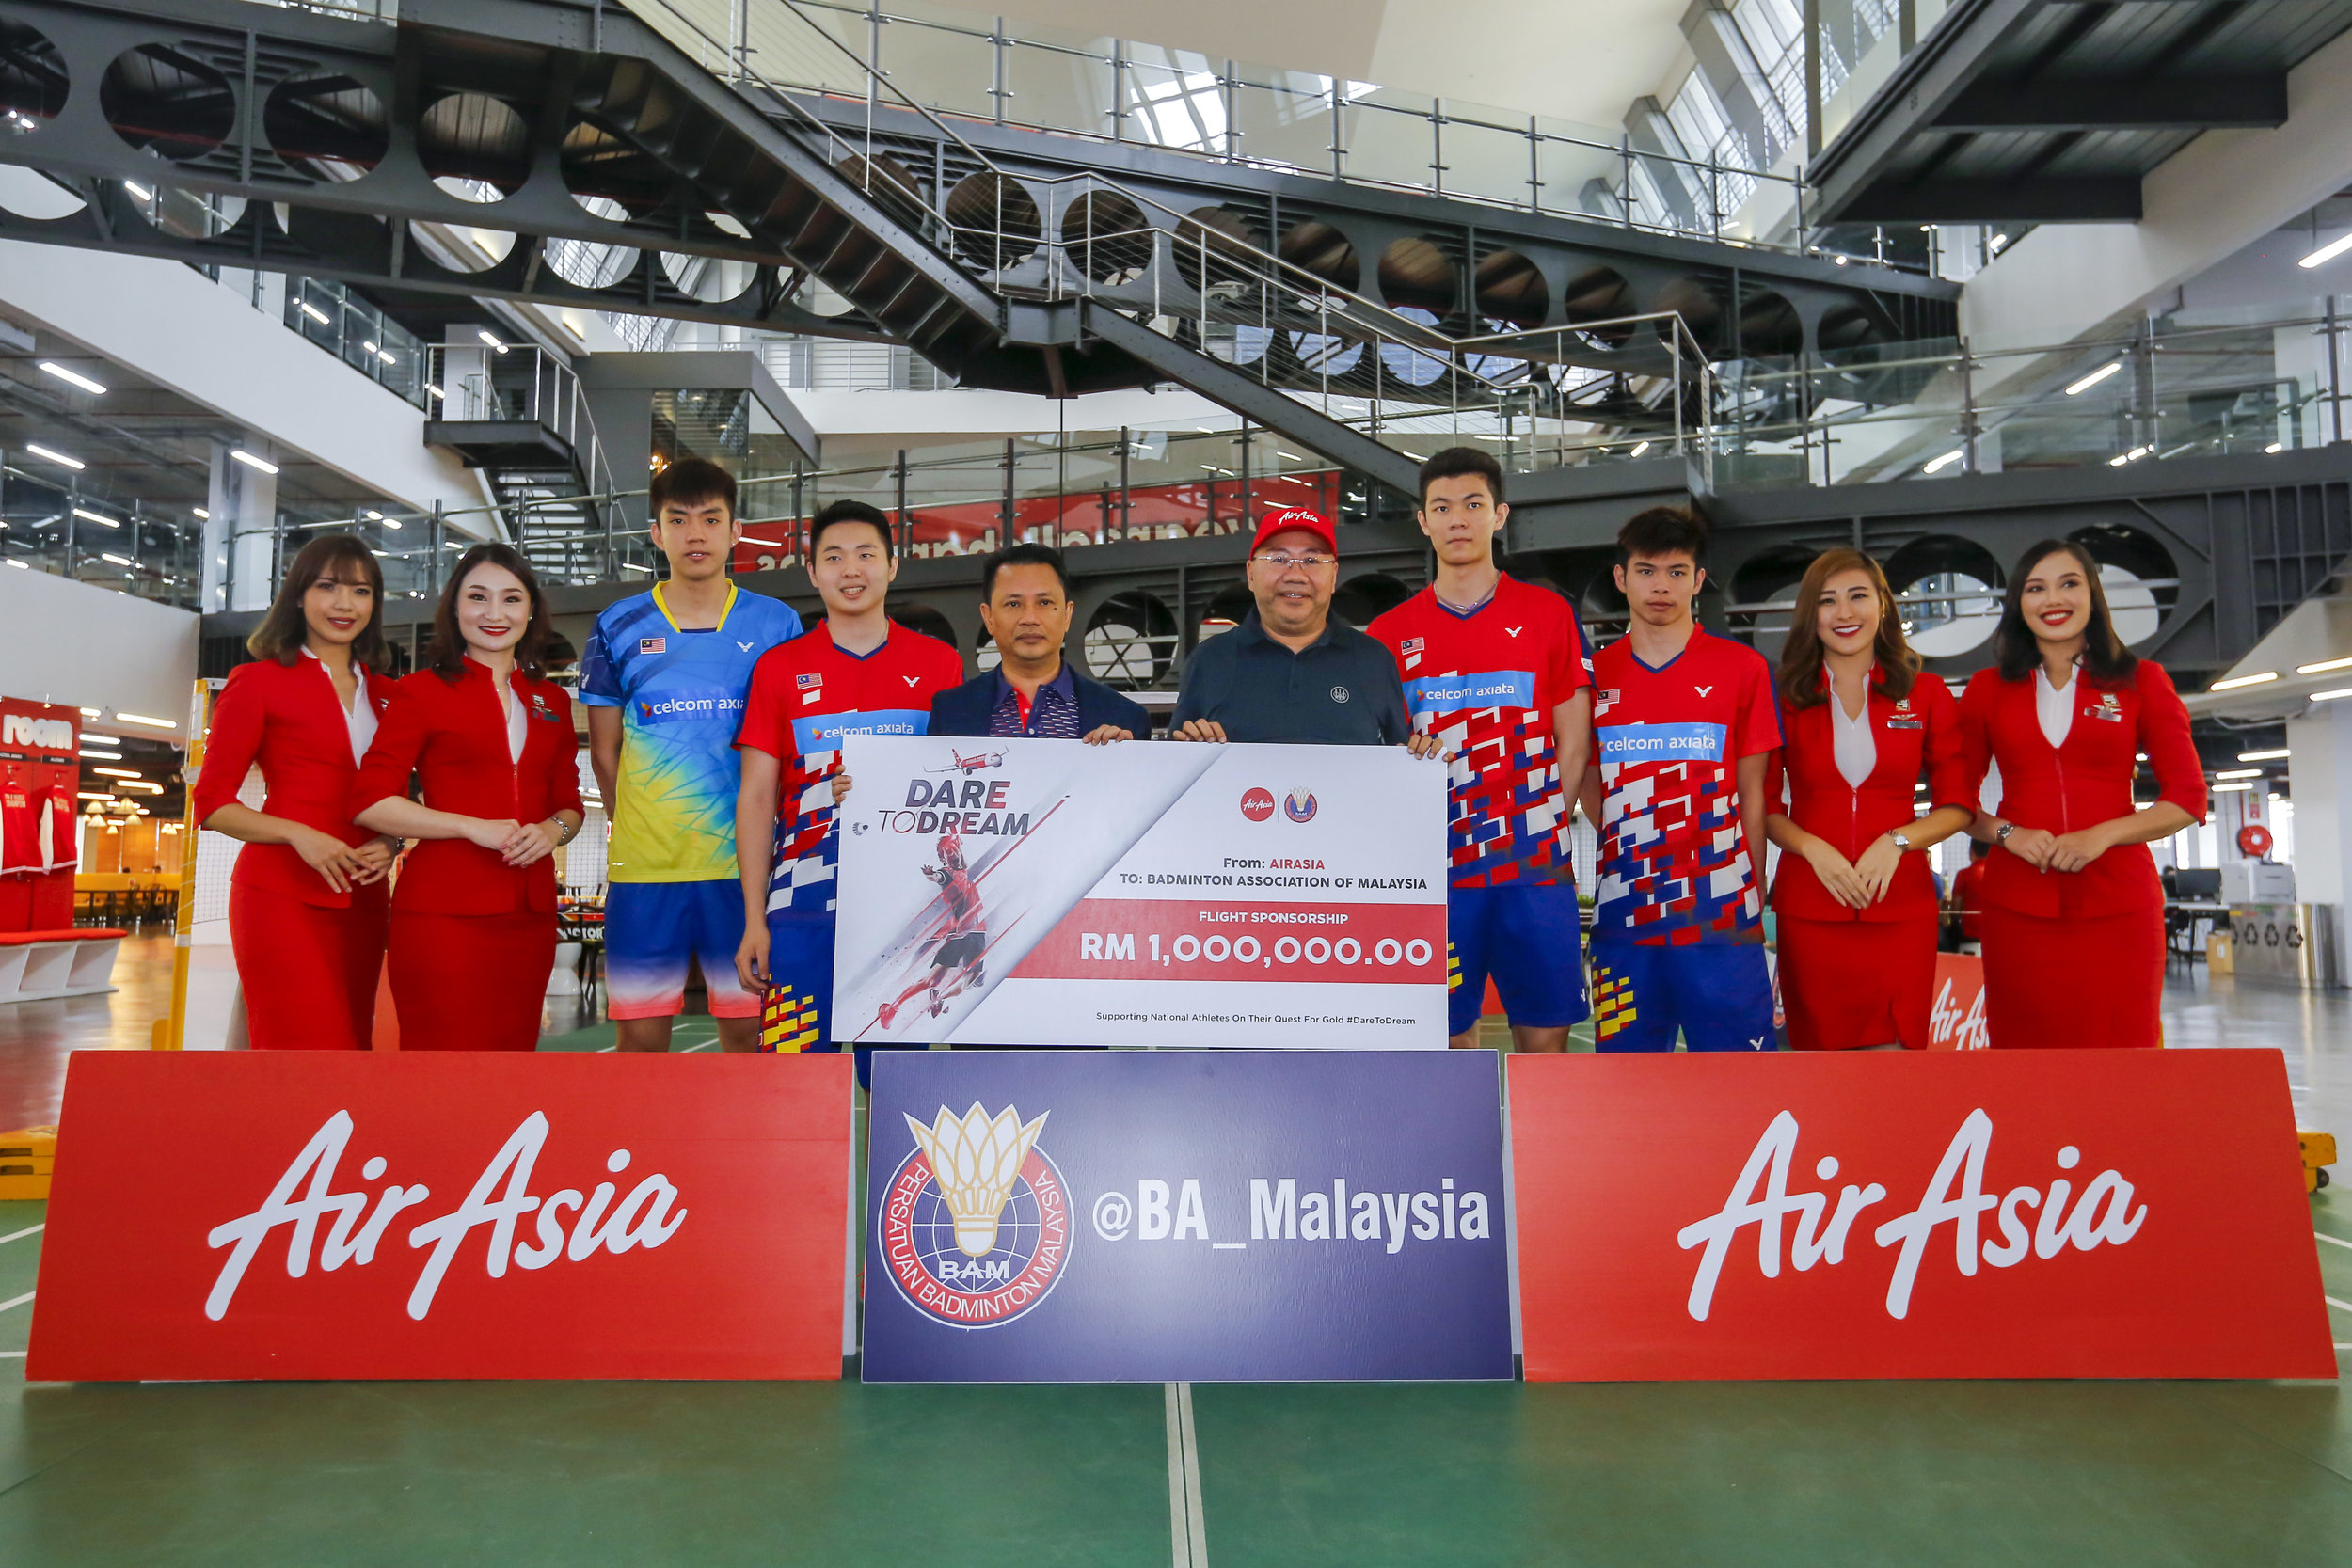 Keterangan Gambar:  Presiden BAM Dato' Sri Mohamad Norza Zakaria (tengah kiri)dan Pengerusi Eksekutif Kumpulan AirAsia Berhad dan Ketua Pegawai Eksekutif Kumpulan AirAsia X, Datuk Kamarudin Meranun (tengah kanan) bersama pemain badminton kebangsaan dan kru kabin di majlis penyampaian cek hari ini.